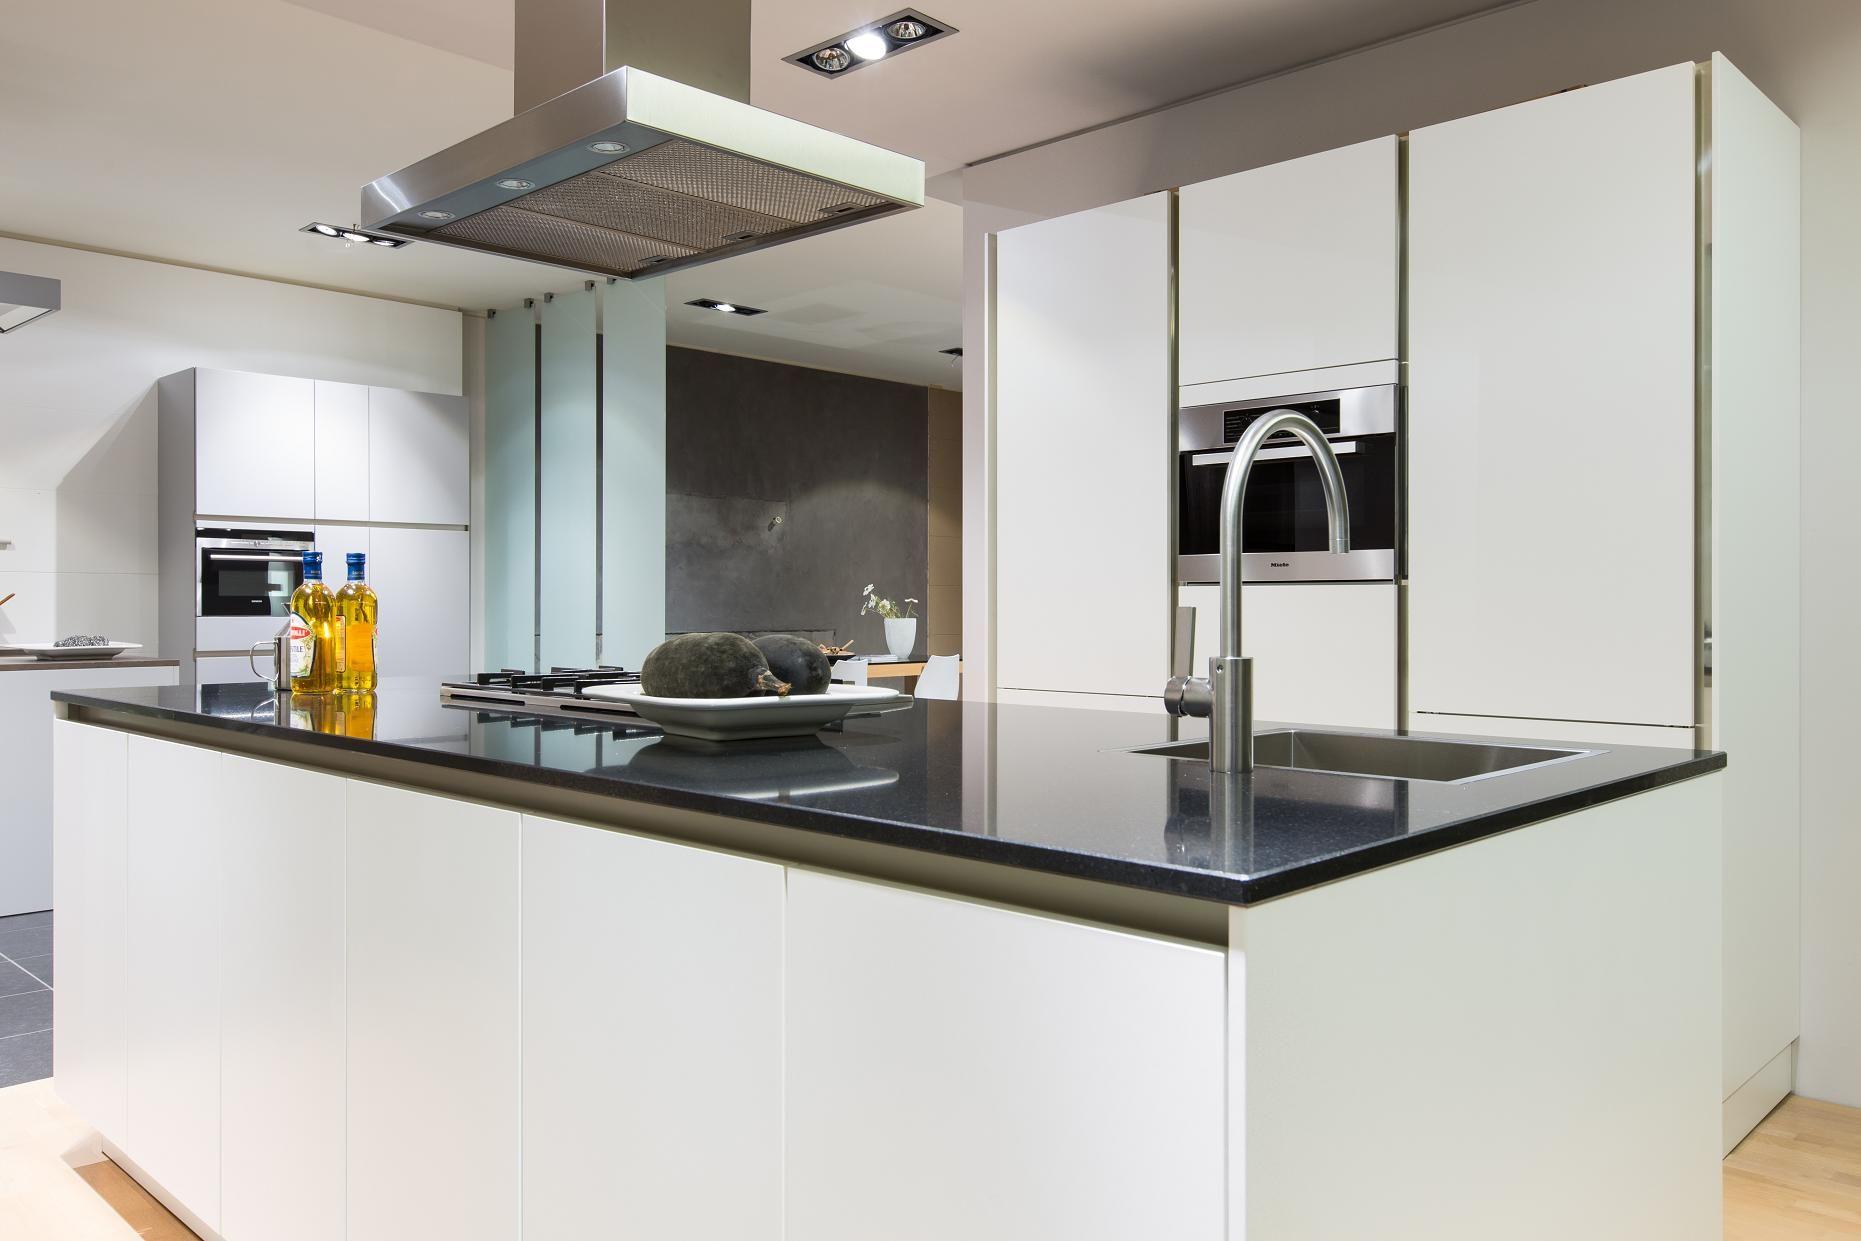 ... keukens voor zeer lage keuken prijzen : SieMatic S2K Lotus wit [47251